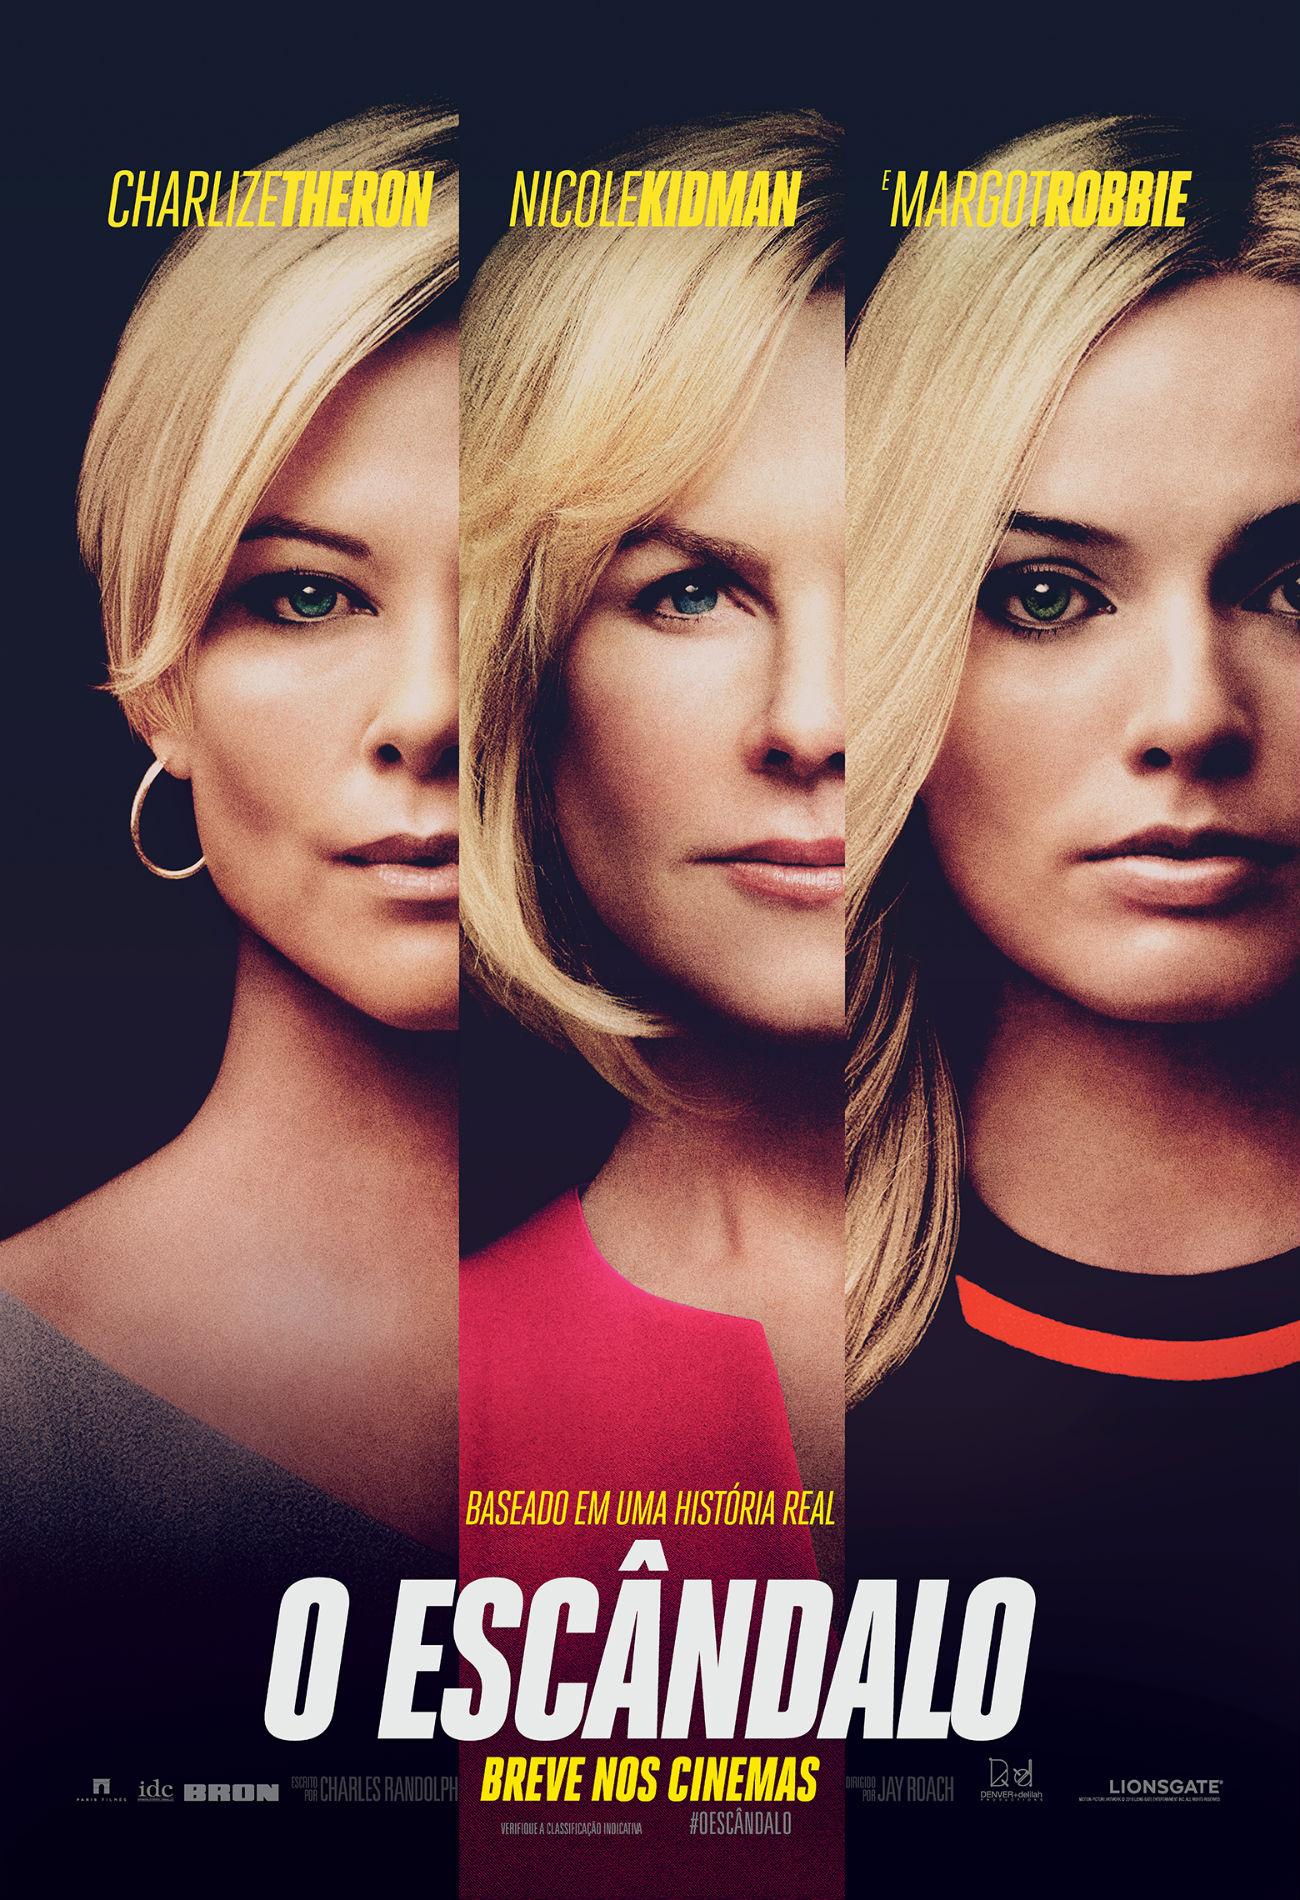 O Escândalo - Filme 2019 - AdoroCinema